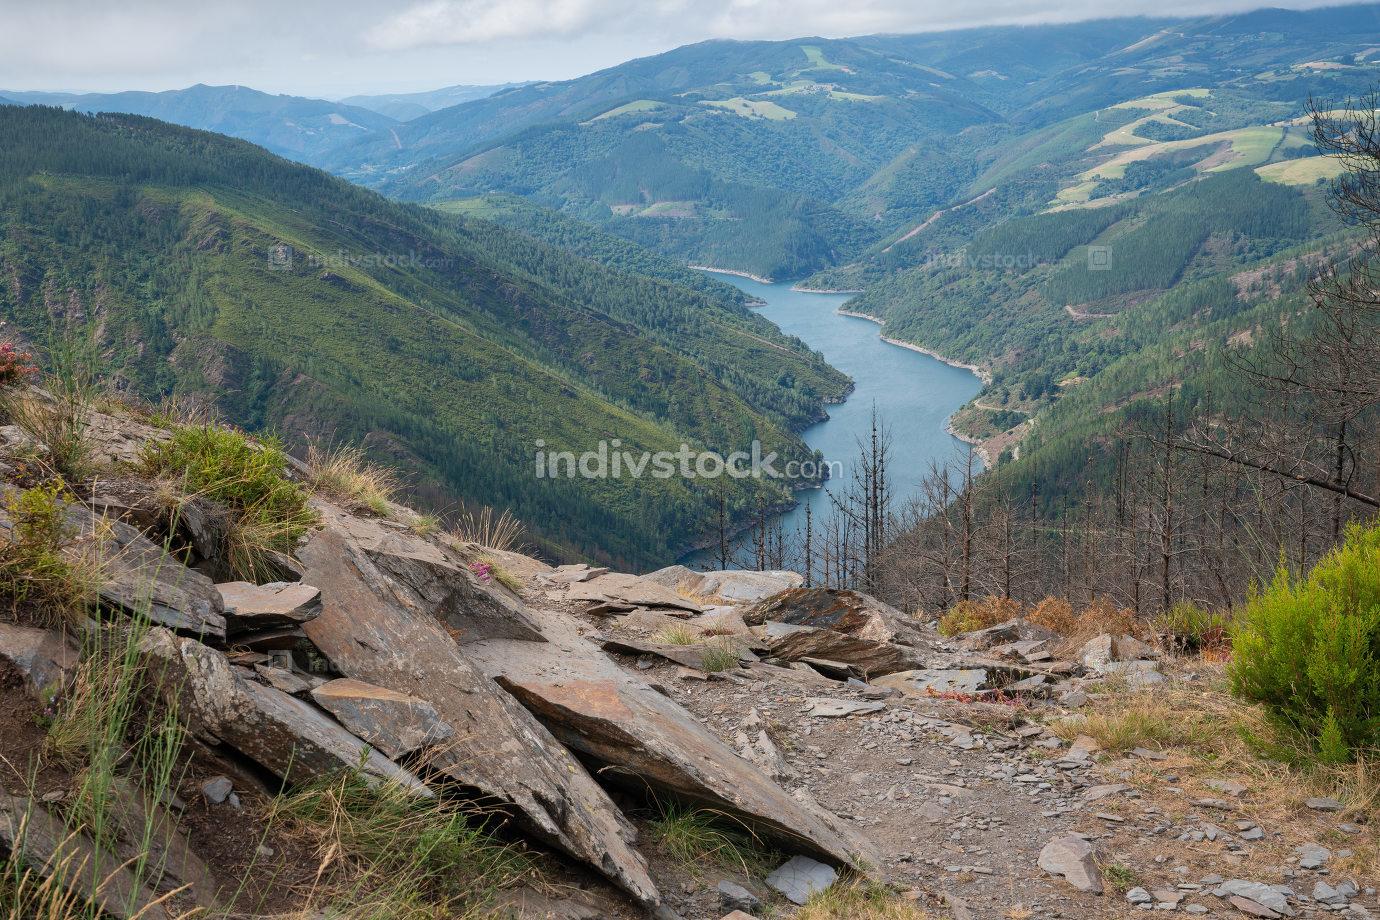 Camino de Santiago trail, Asturias, Spain